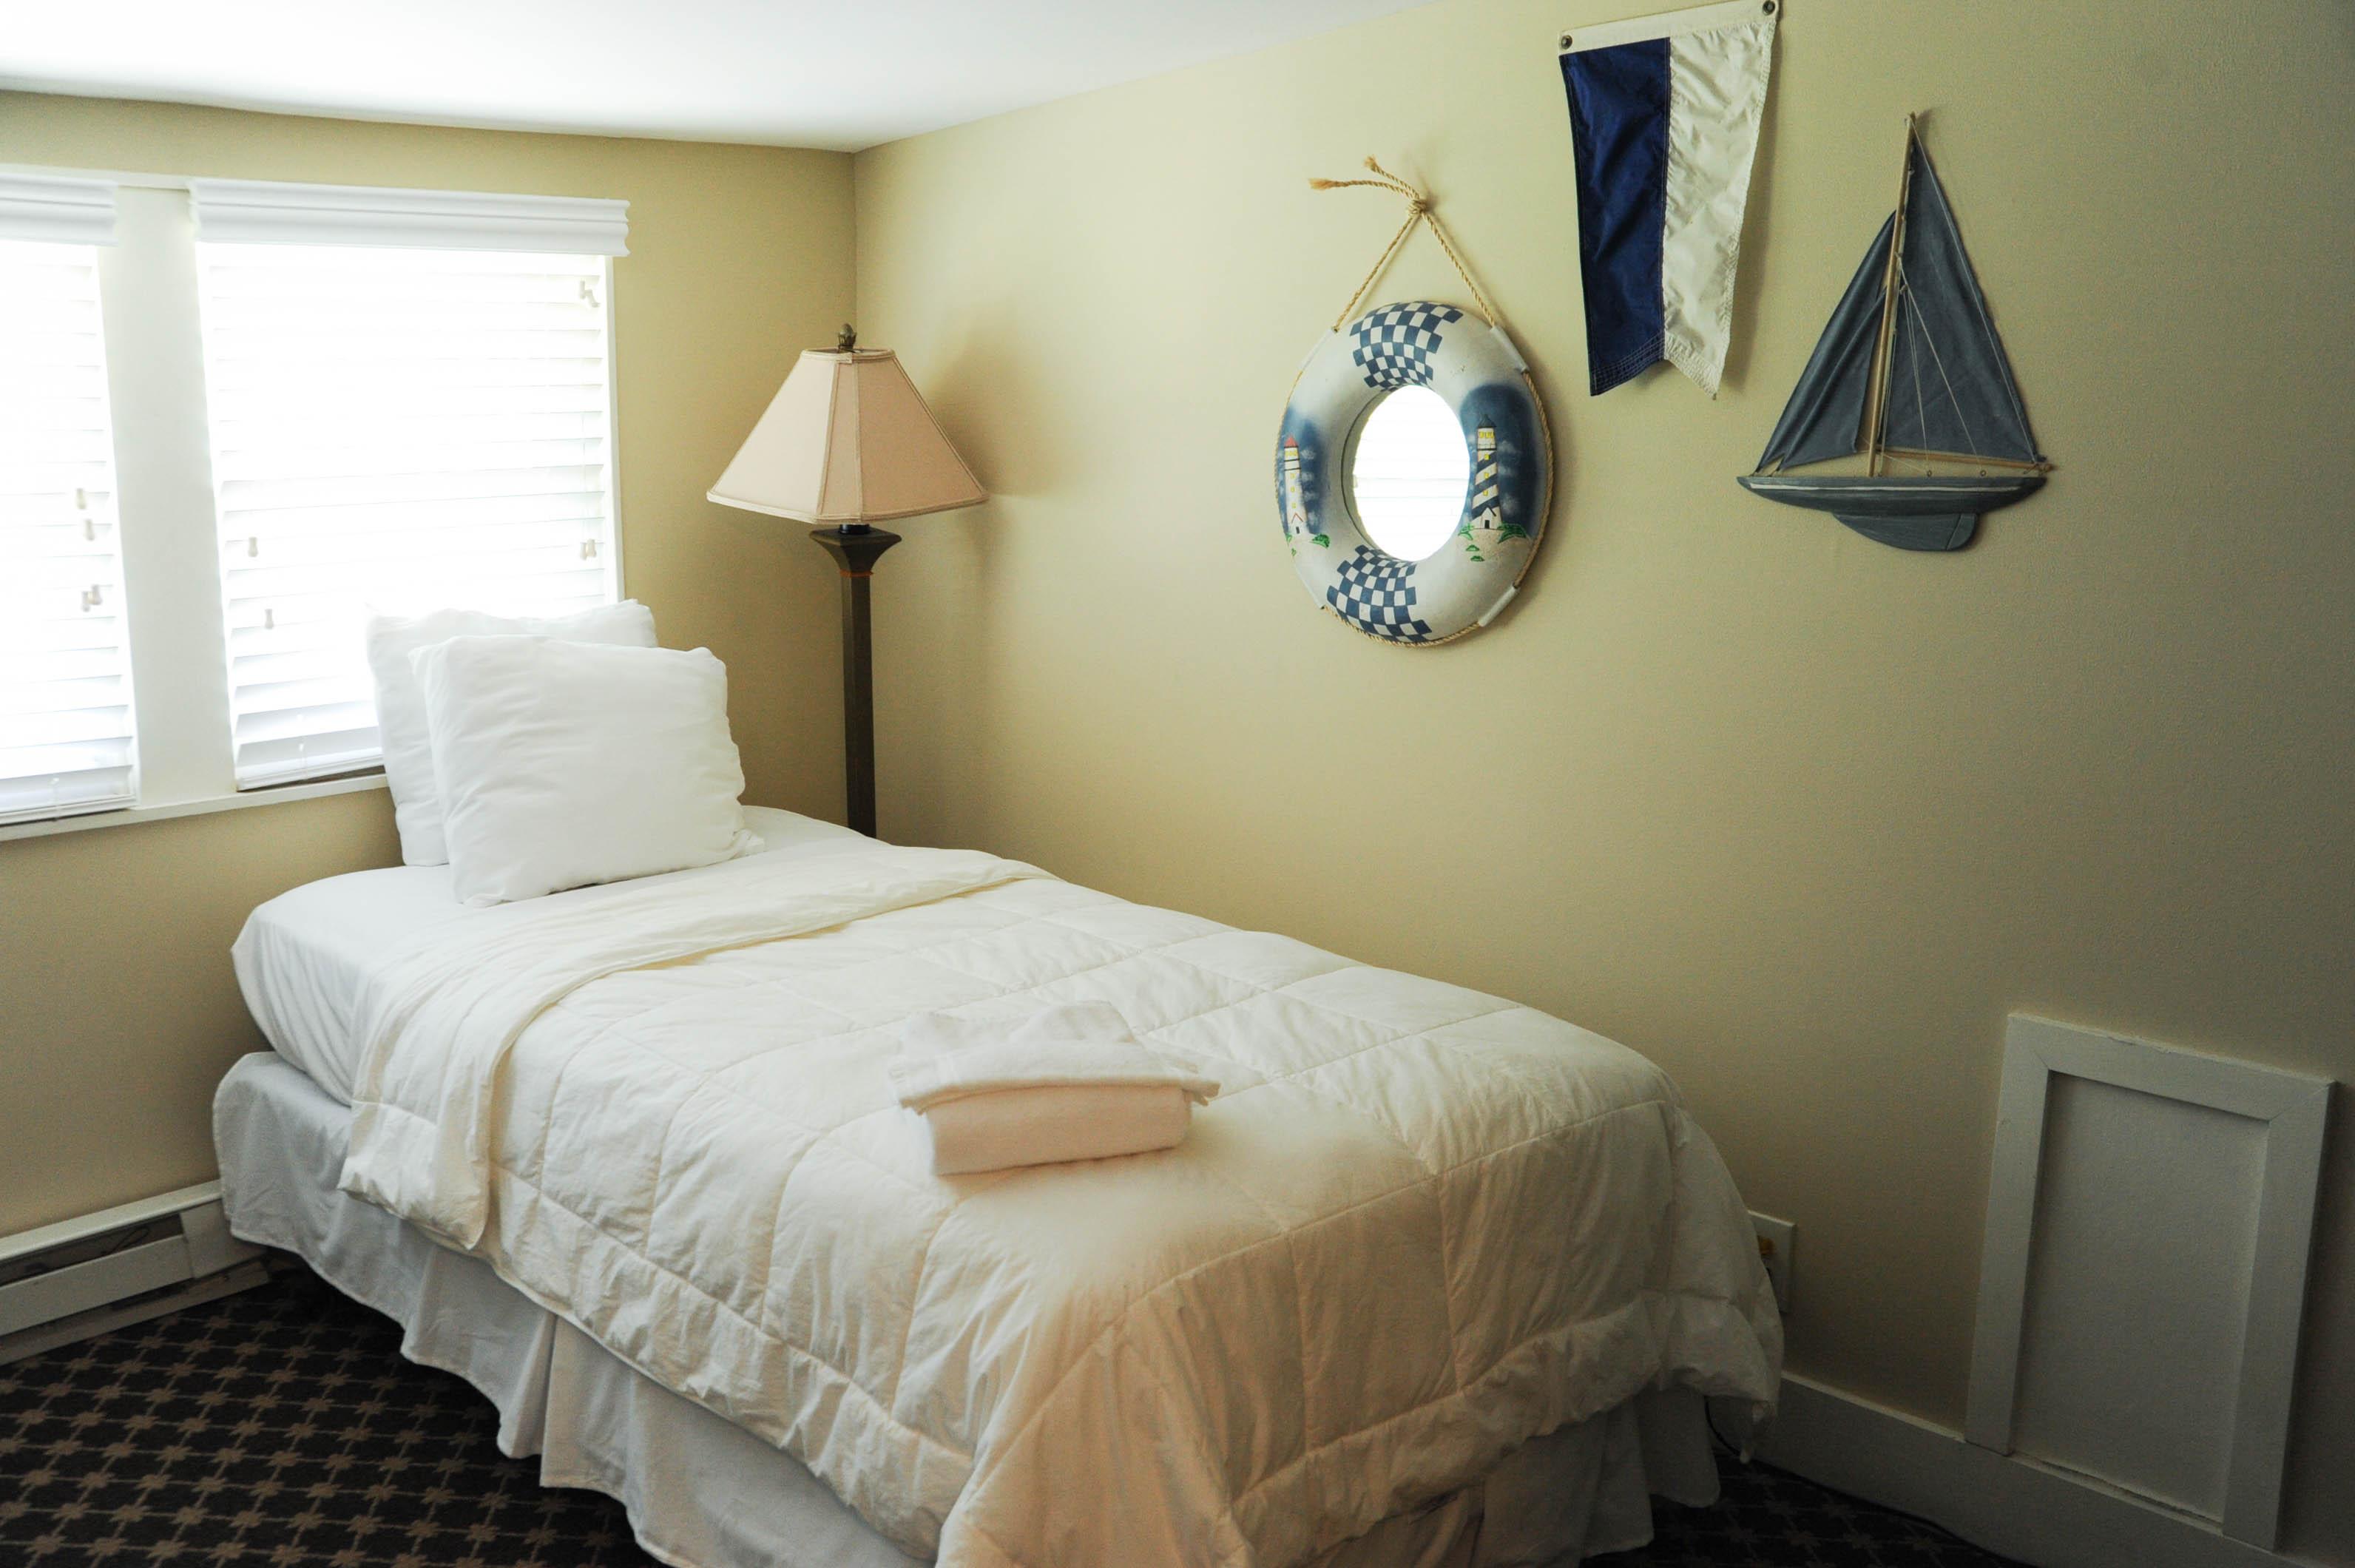 Annex 29 – Bed – 3184×2120